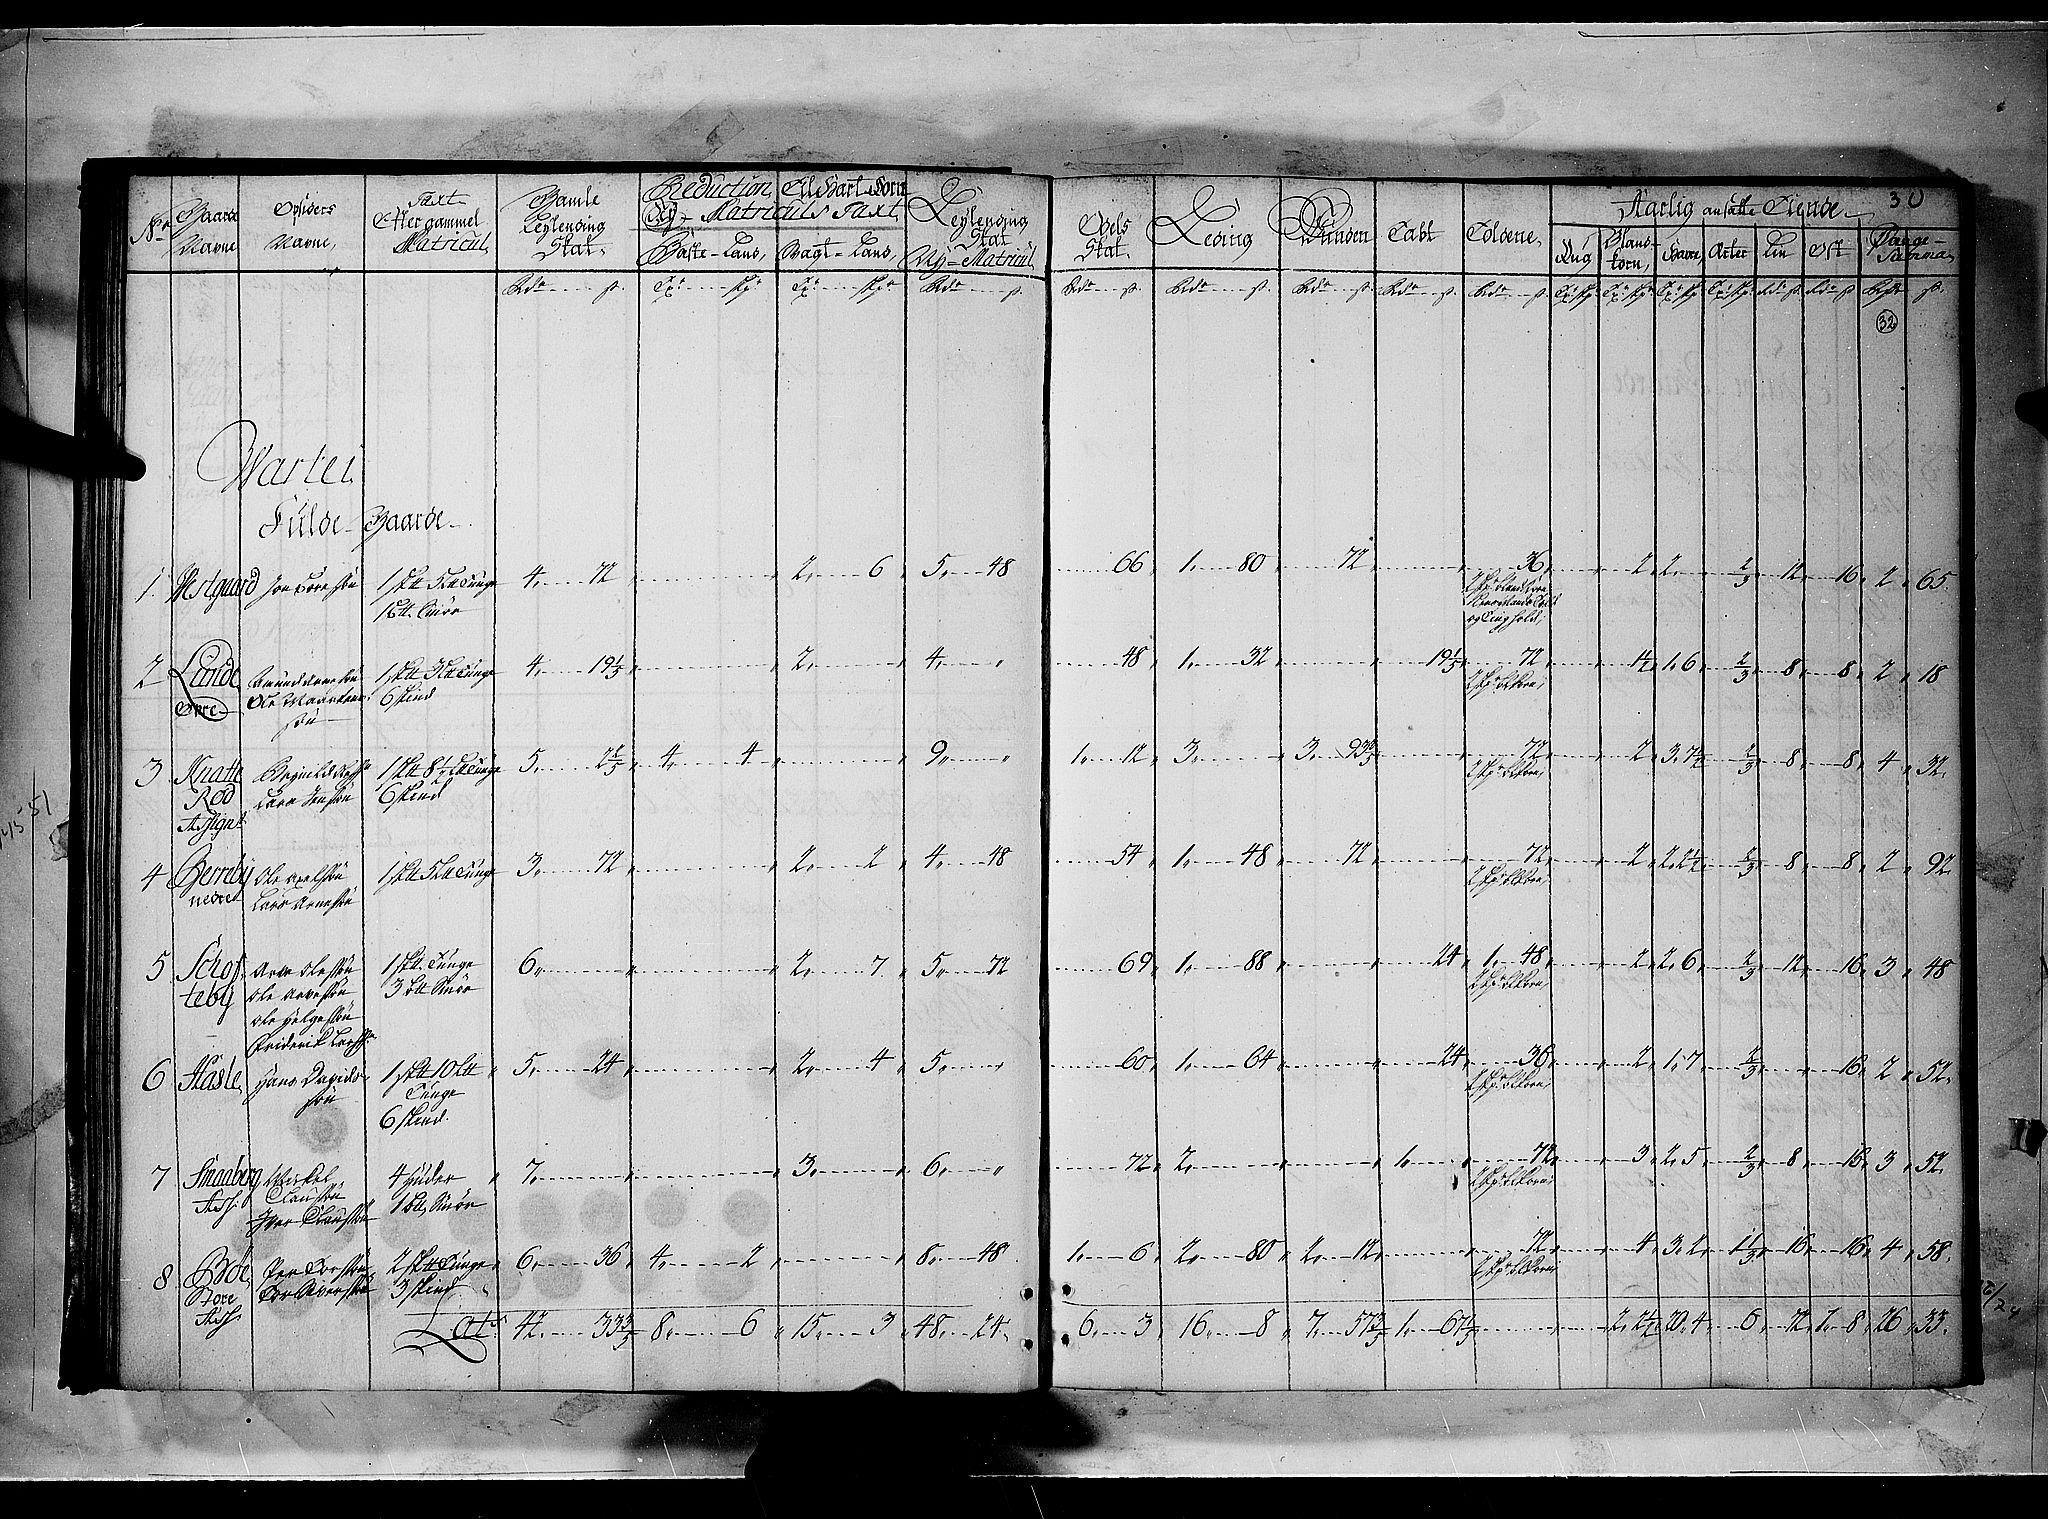 RA, Rentekammeret inntil 1814, Realistisk ordnet avdeling, N/Nb/Nbf/L0096: Moss, Onsøy, Tune og Veme matrikkelprotokoll, 1723, s. 29b-30a